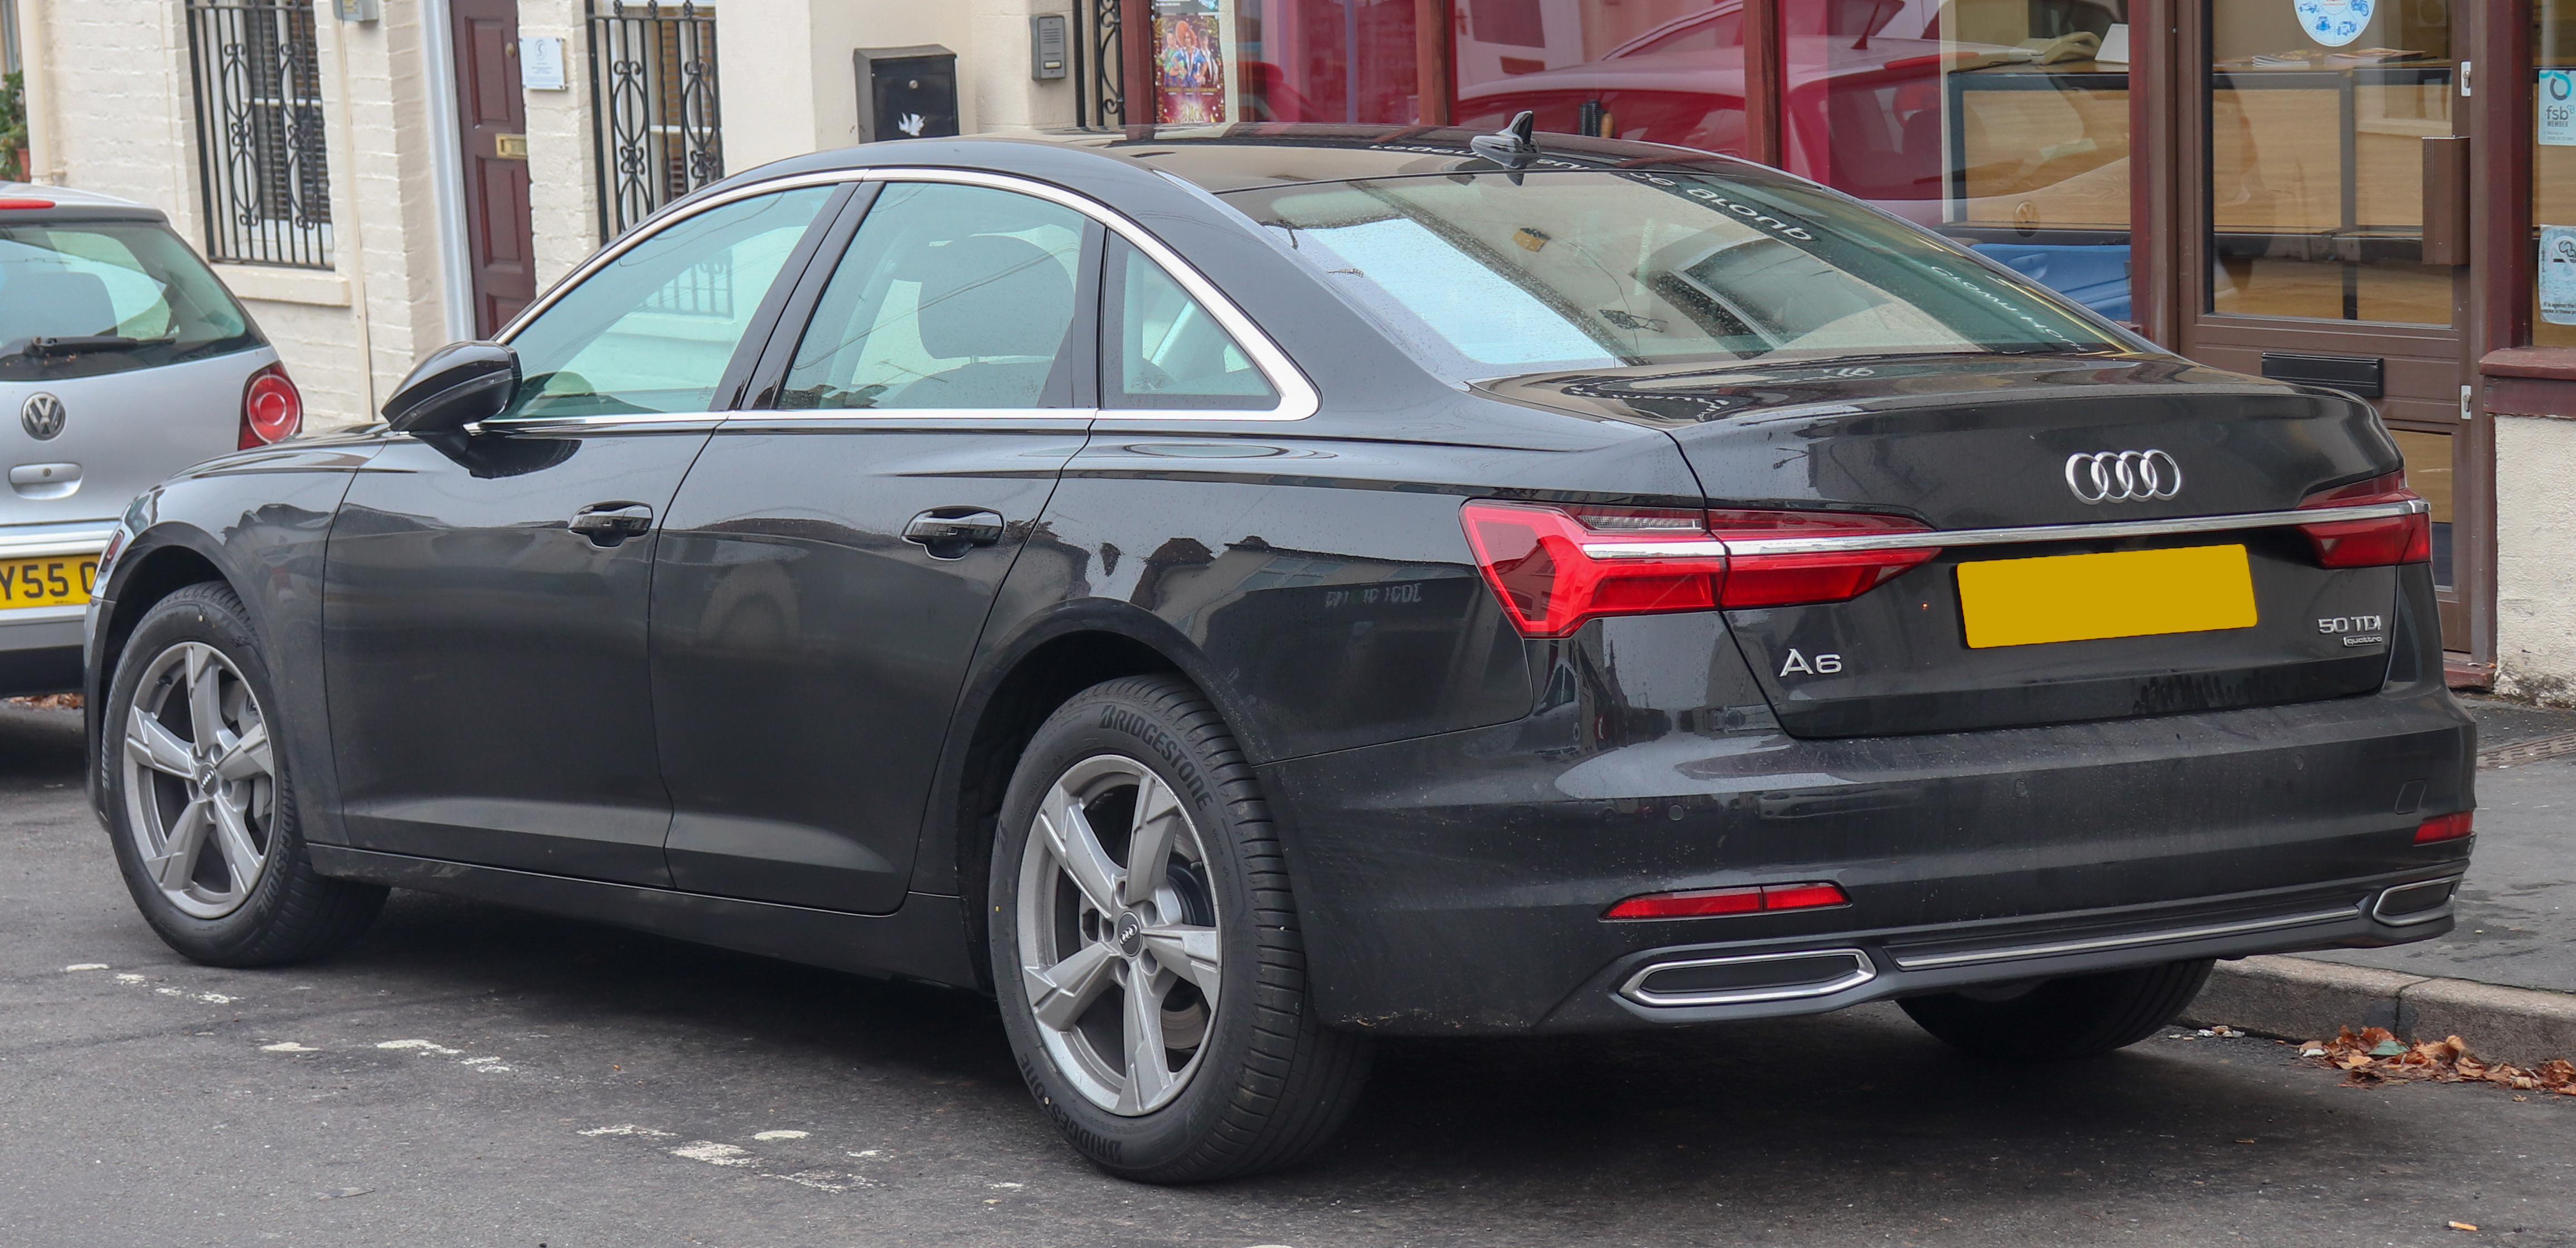 Kekurangan Audi A6 Spesifikasi